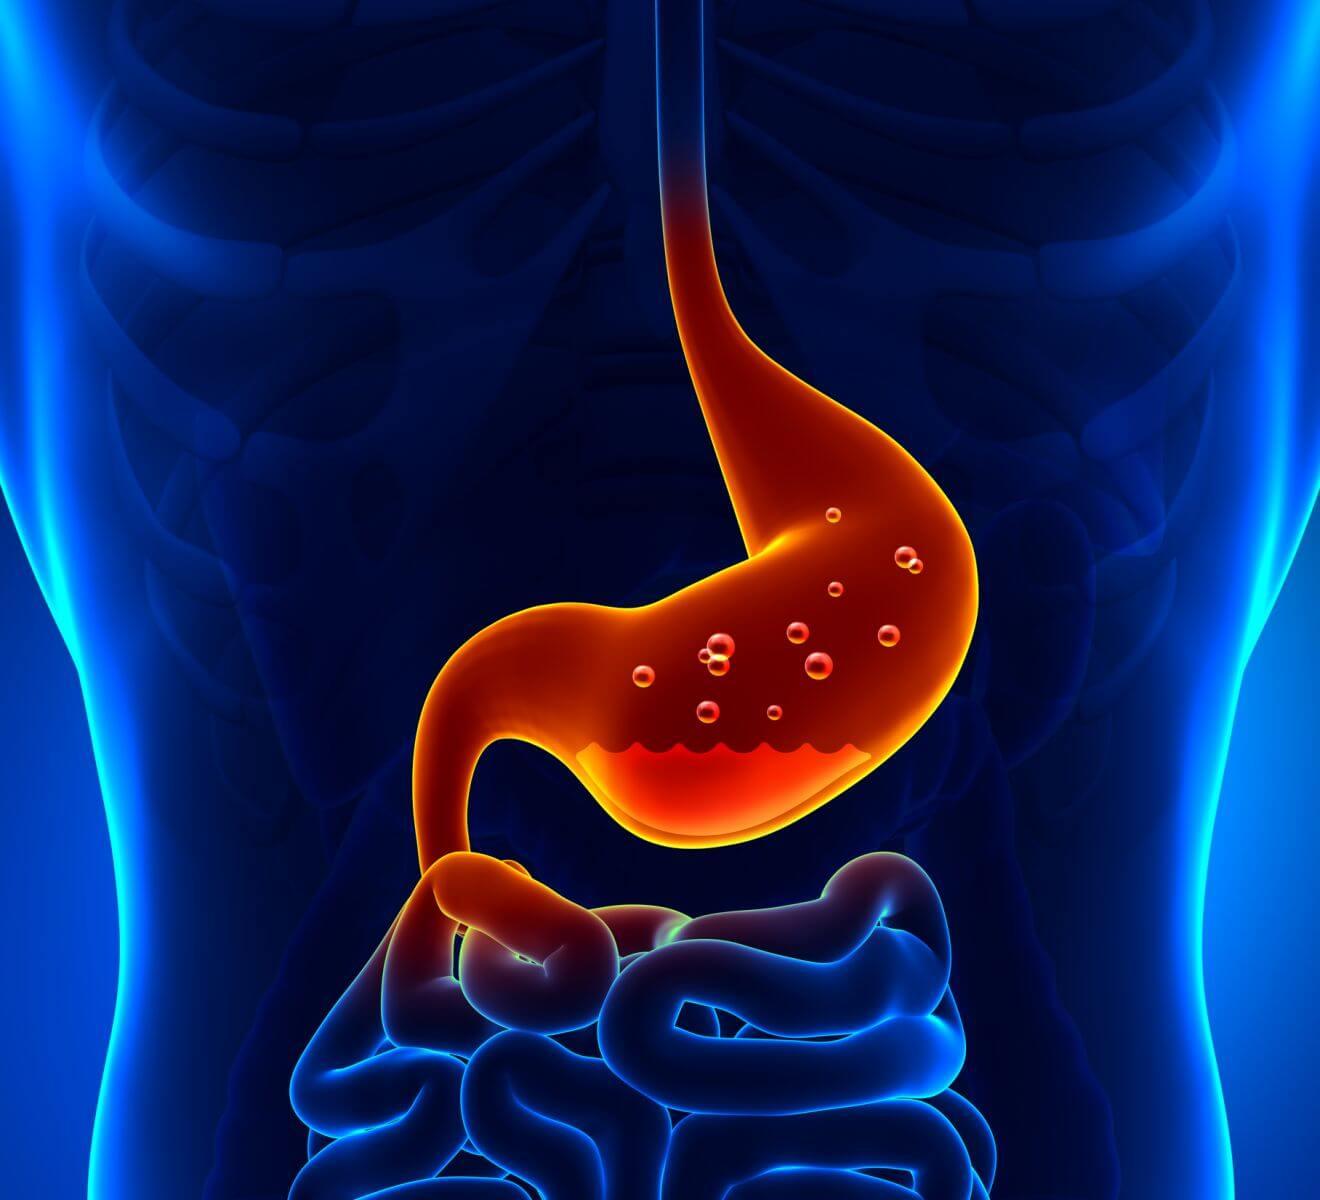 Гастрит симптомы и лечение хронического гастрита у взрослых.